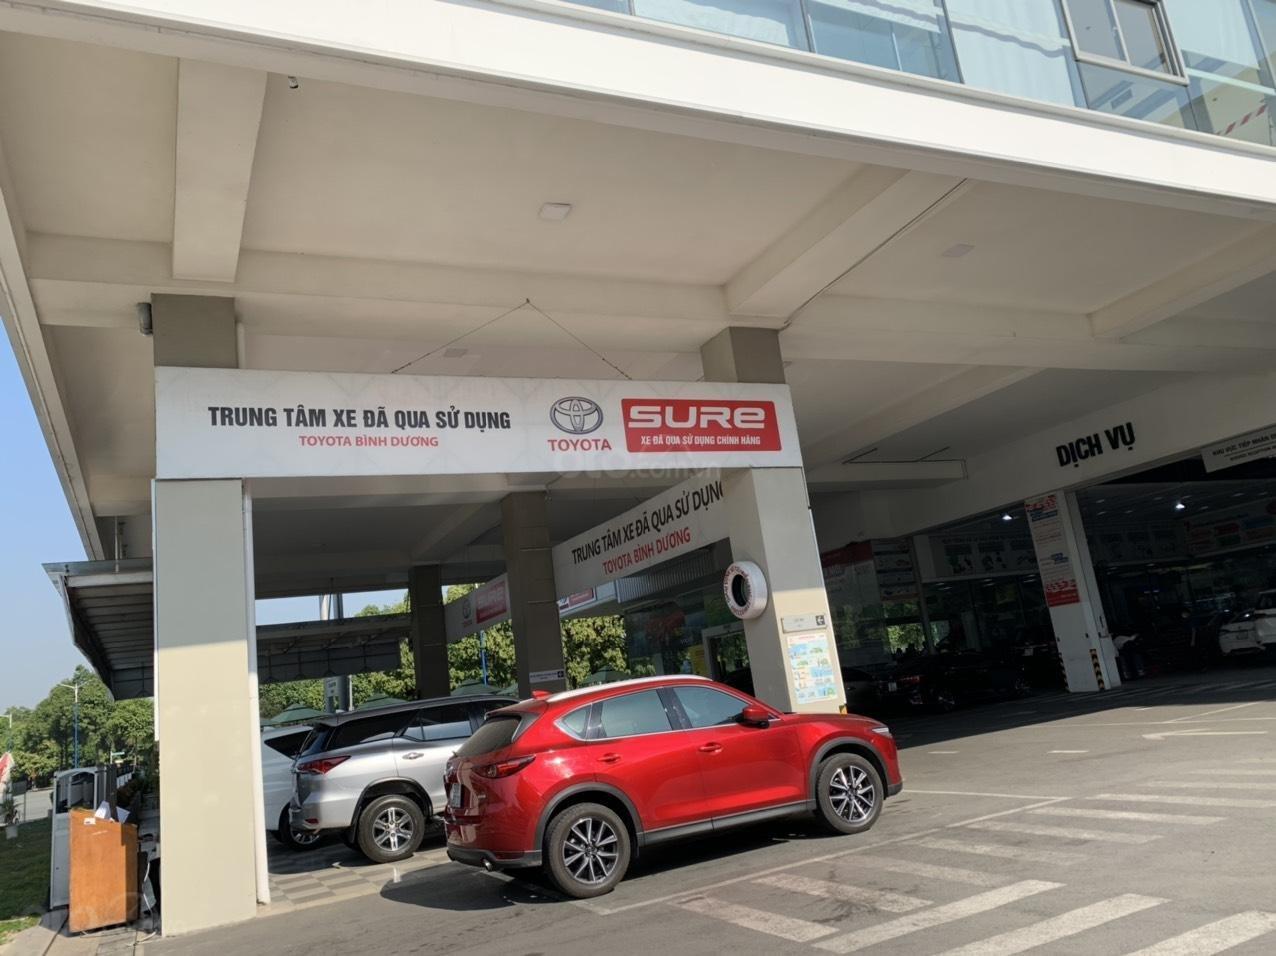 Toyota Bình Dương (11)